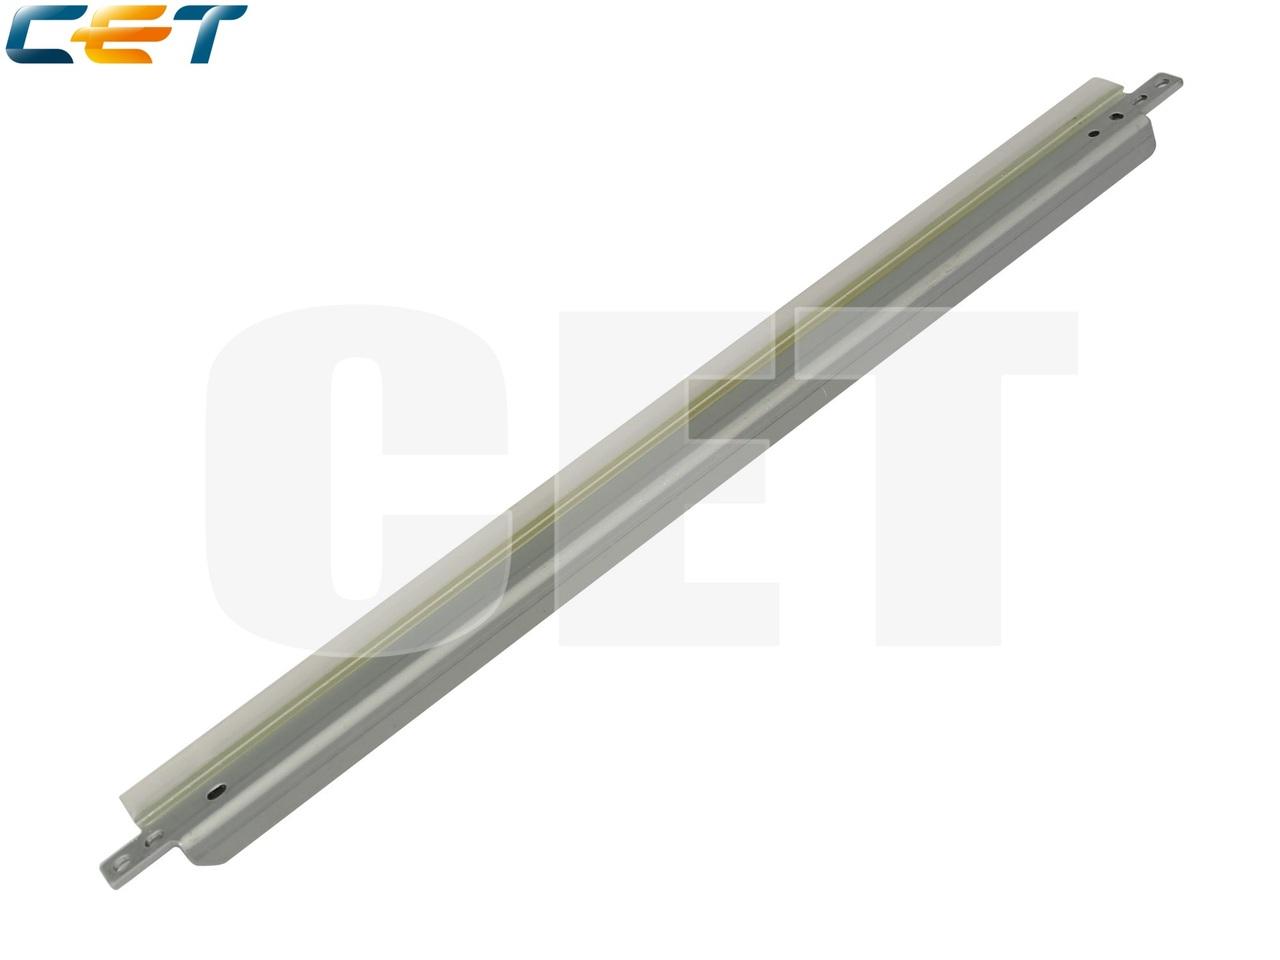 Ракель для CANON iR ADVANCEC3325i/C3330i/C3320/C3320L/C3320i (CET), CET5226